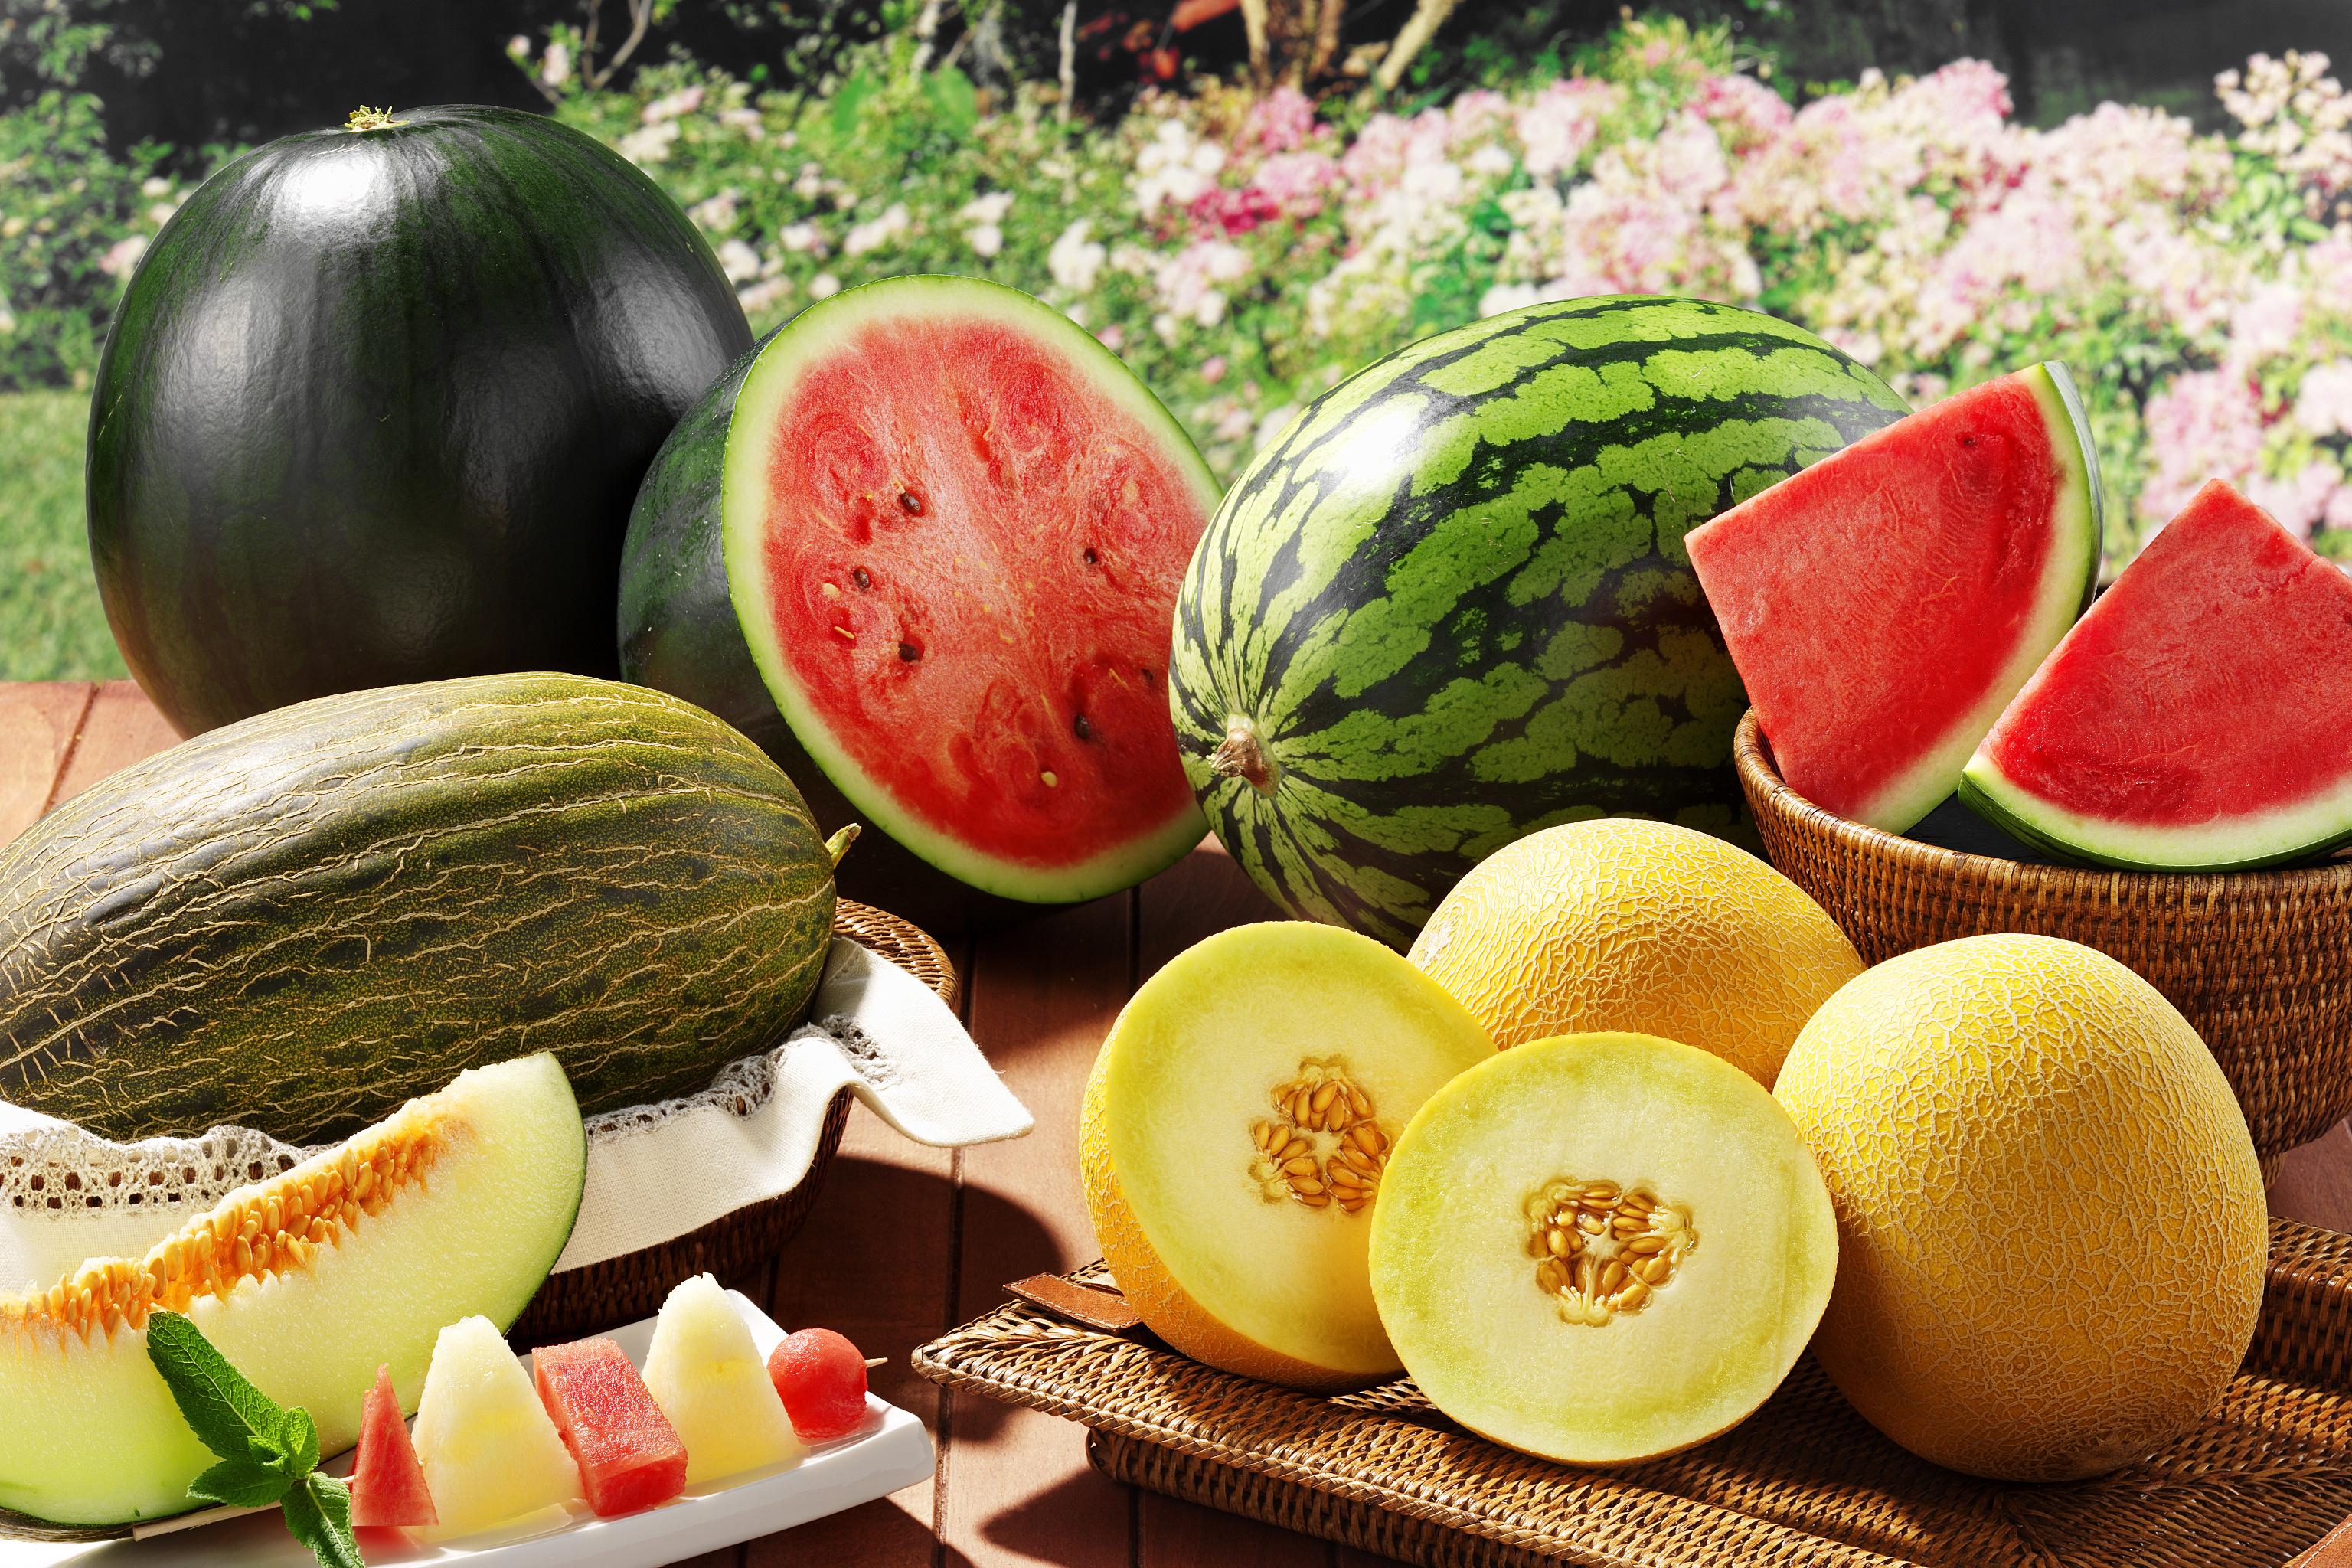 Дыня это ягода или фрукт: полезные свойства, особенности выращивания и советы по выбору места для посадки (125 фото)